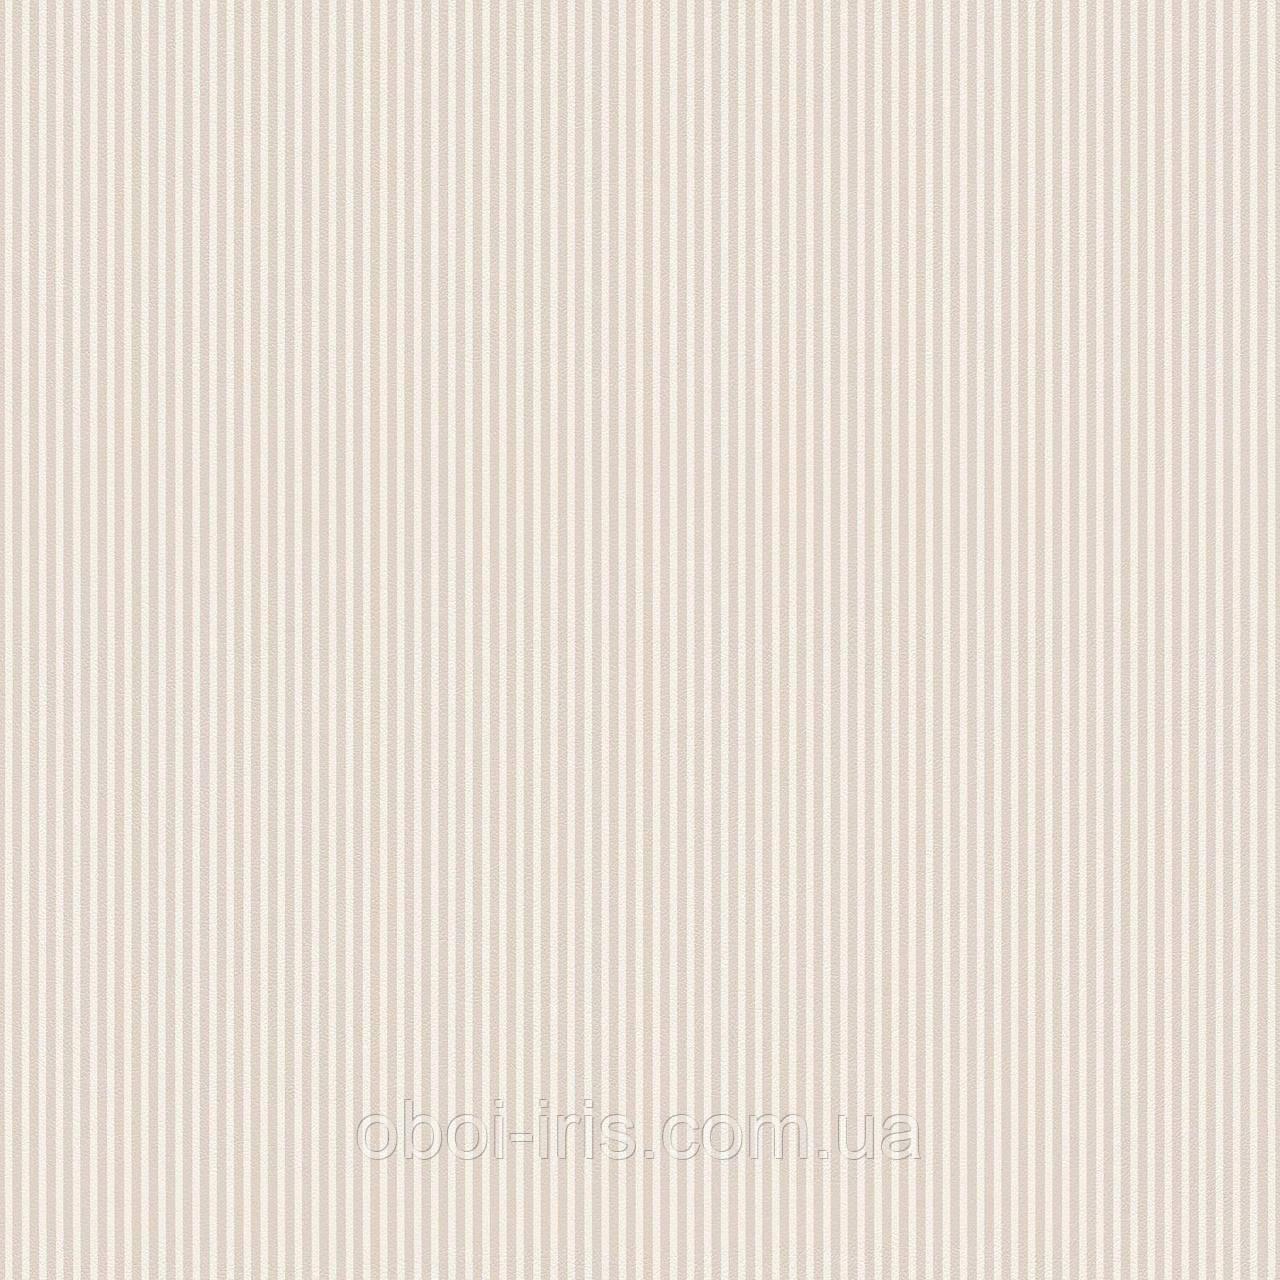 288895 обои Petite Fleur 4 Rasch Textil Германия виниловые на флизелиновой основе 0,53*10,05м